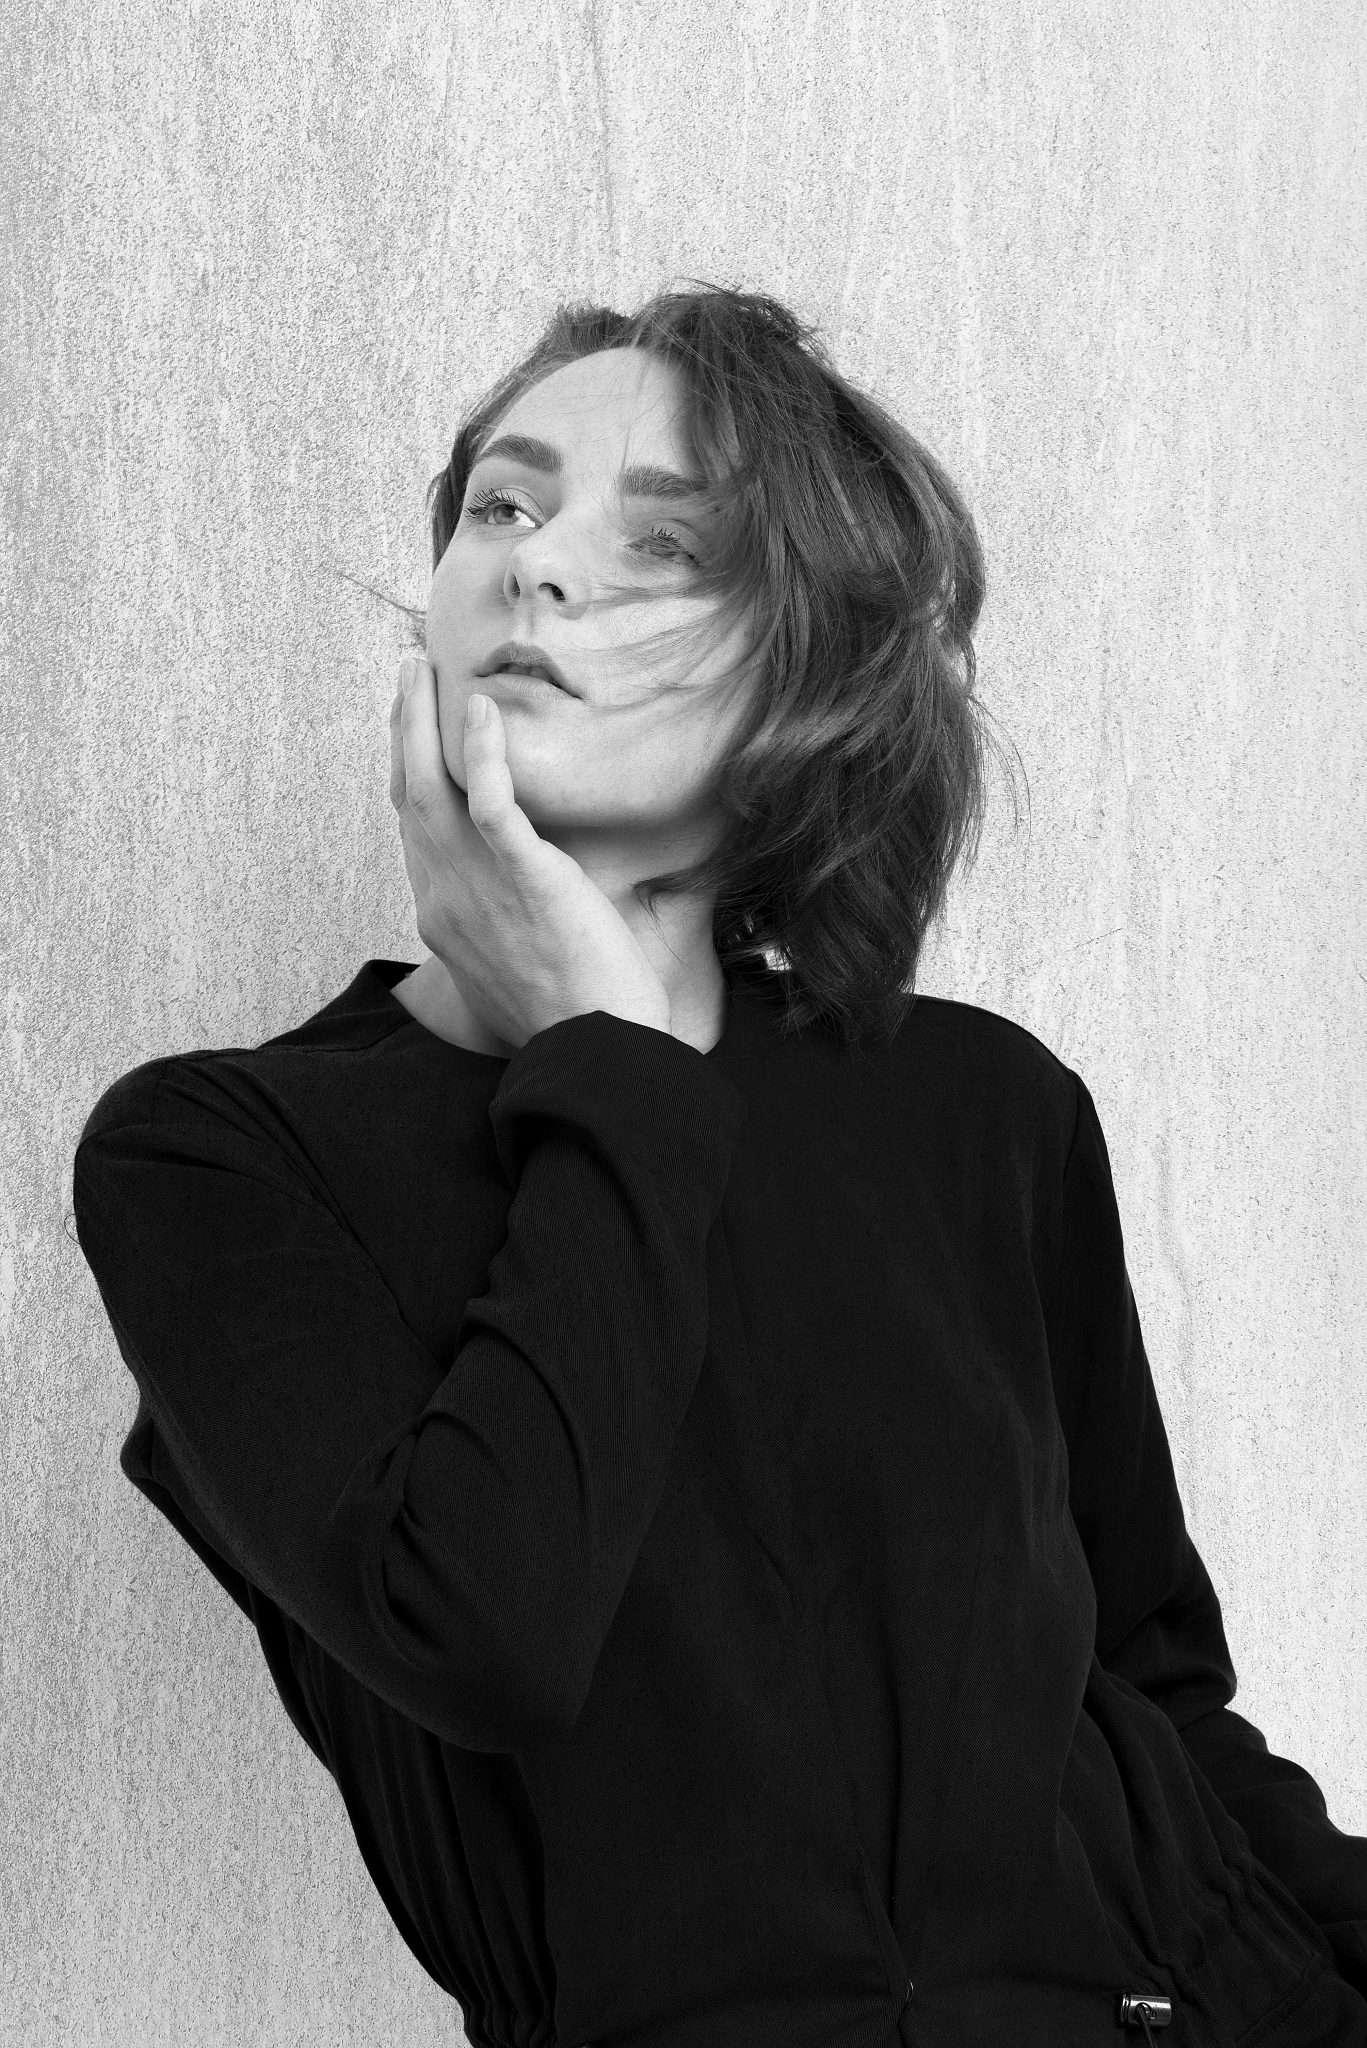 Fotografia ritratto modella di Napoli in bianco e nero realizzata da Barbara Trincone fotografa ritrattista professionista con studio a Pozzuoli, esegue servizi di creazione ed ampliamento book per modelle/i e attori